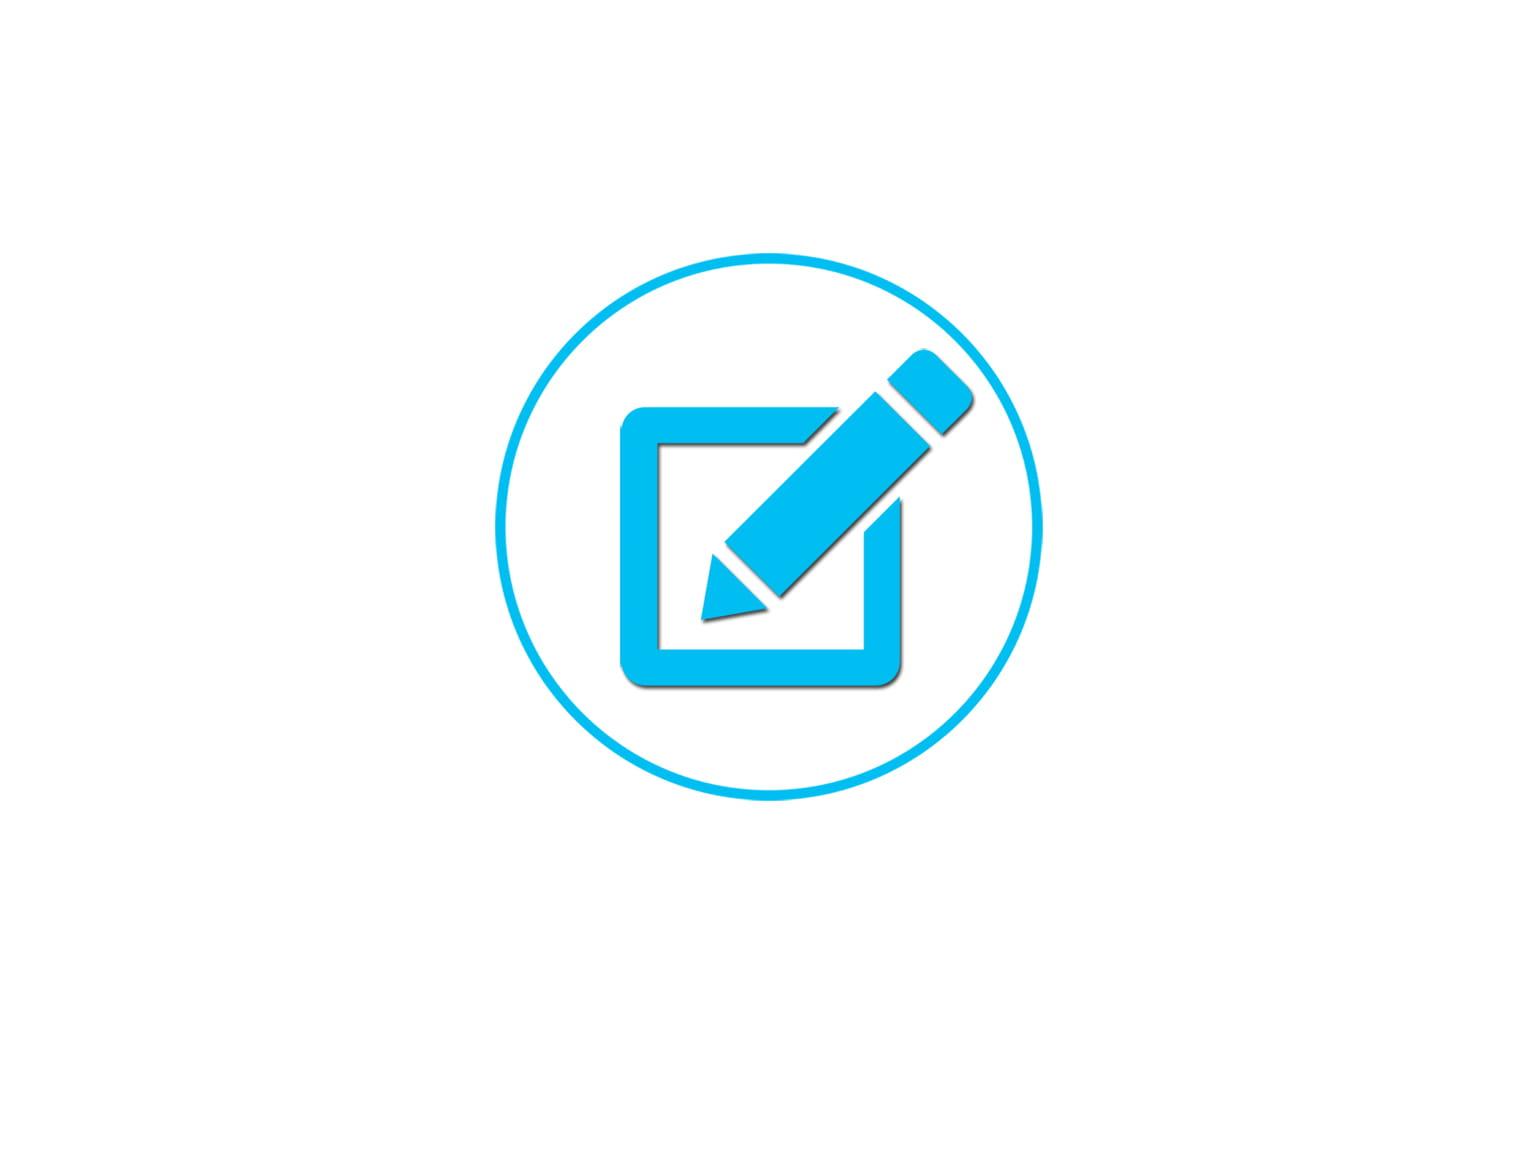 Reģistrē savu produktu ikona